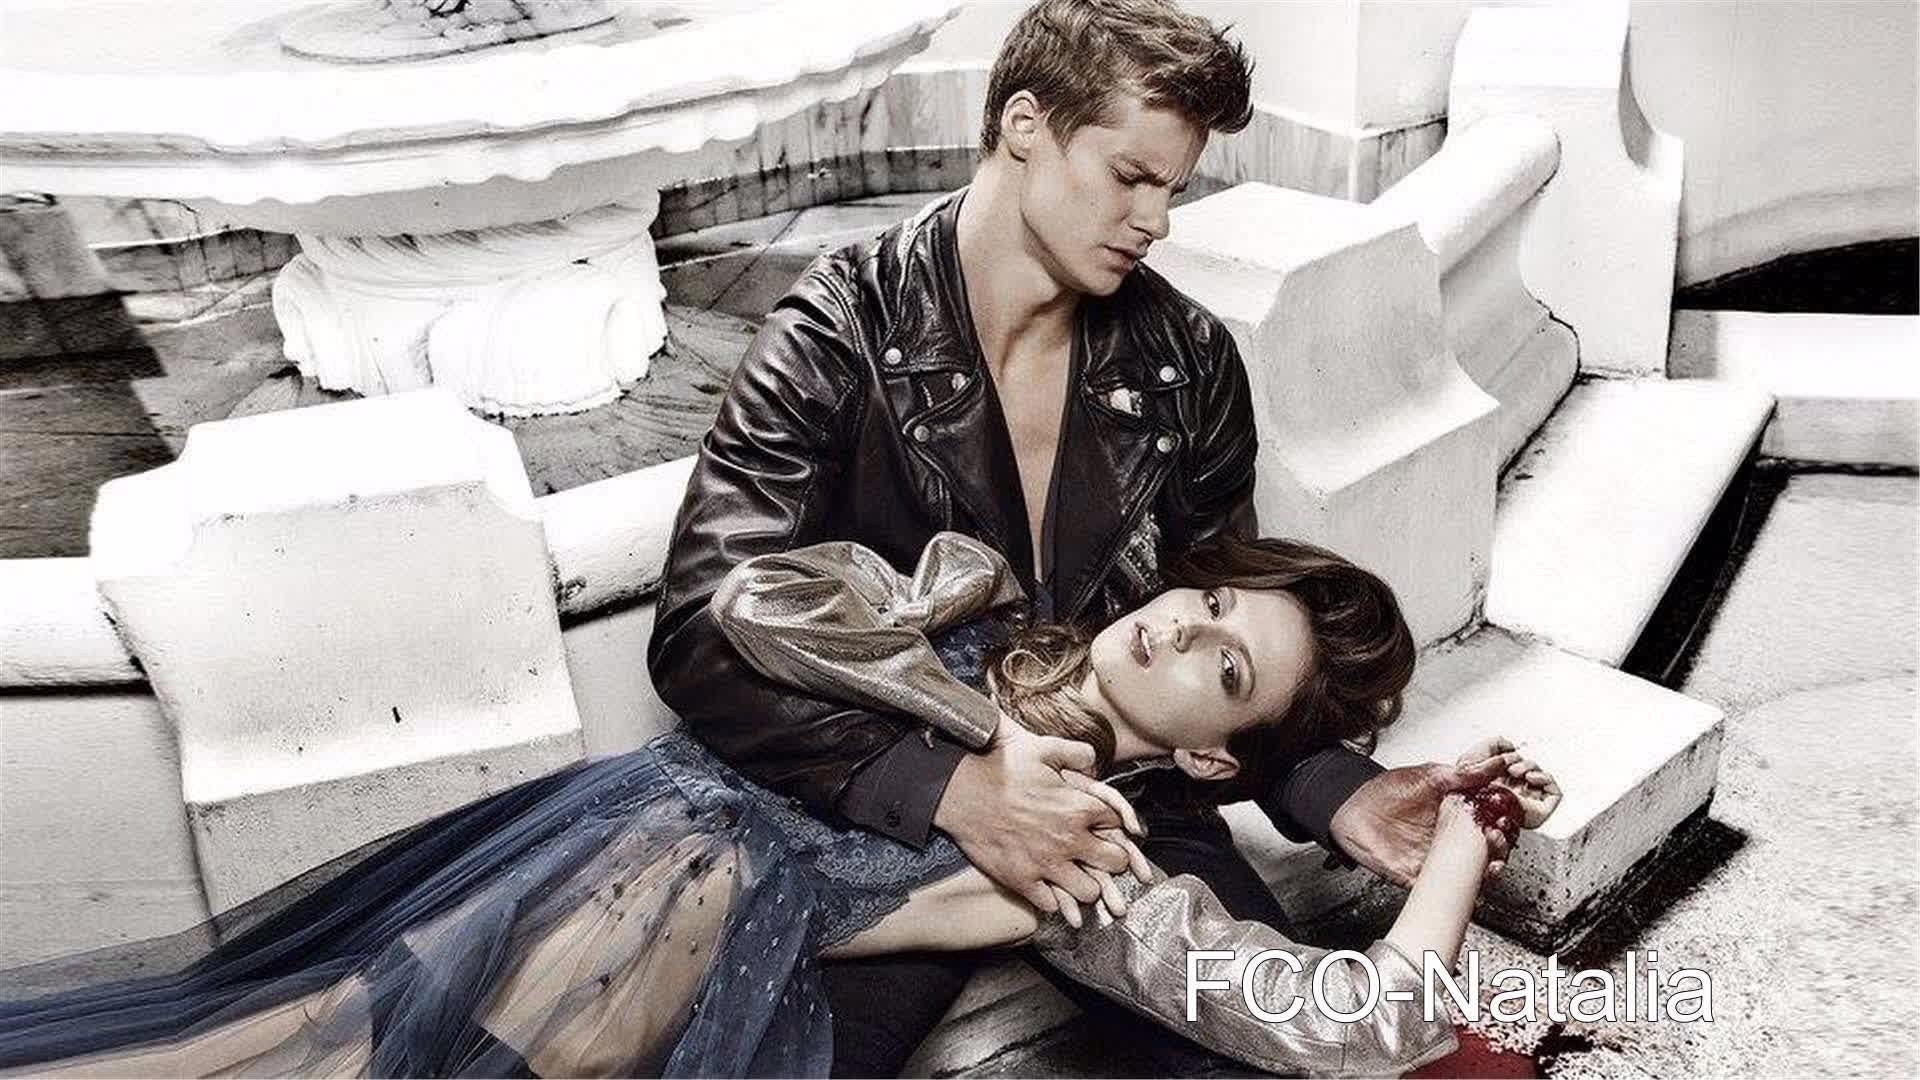 Dù xuất sắc cỡ nào, Next Top Model Ba Lan vẫn có nguy cơ bị khai tử không thương tiếc?